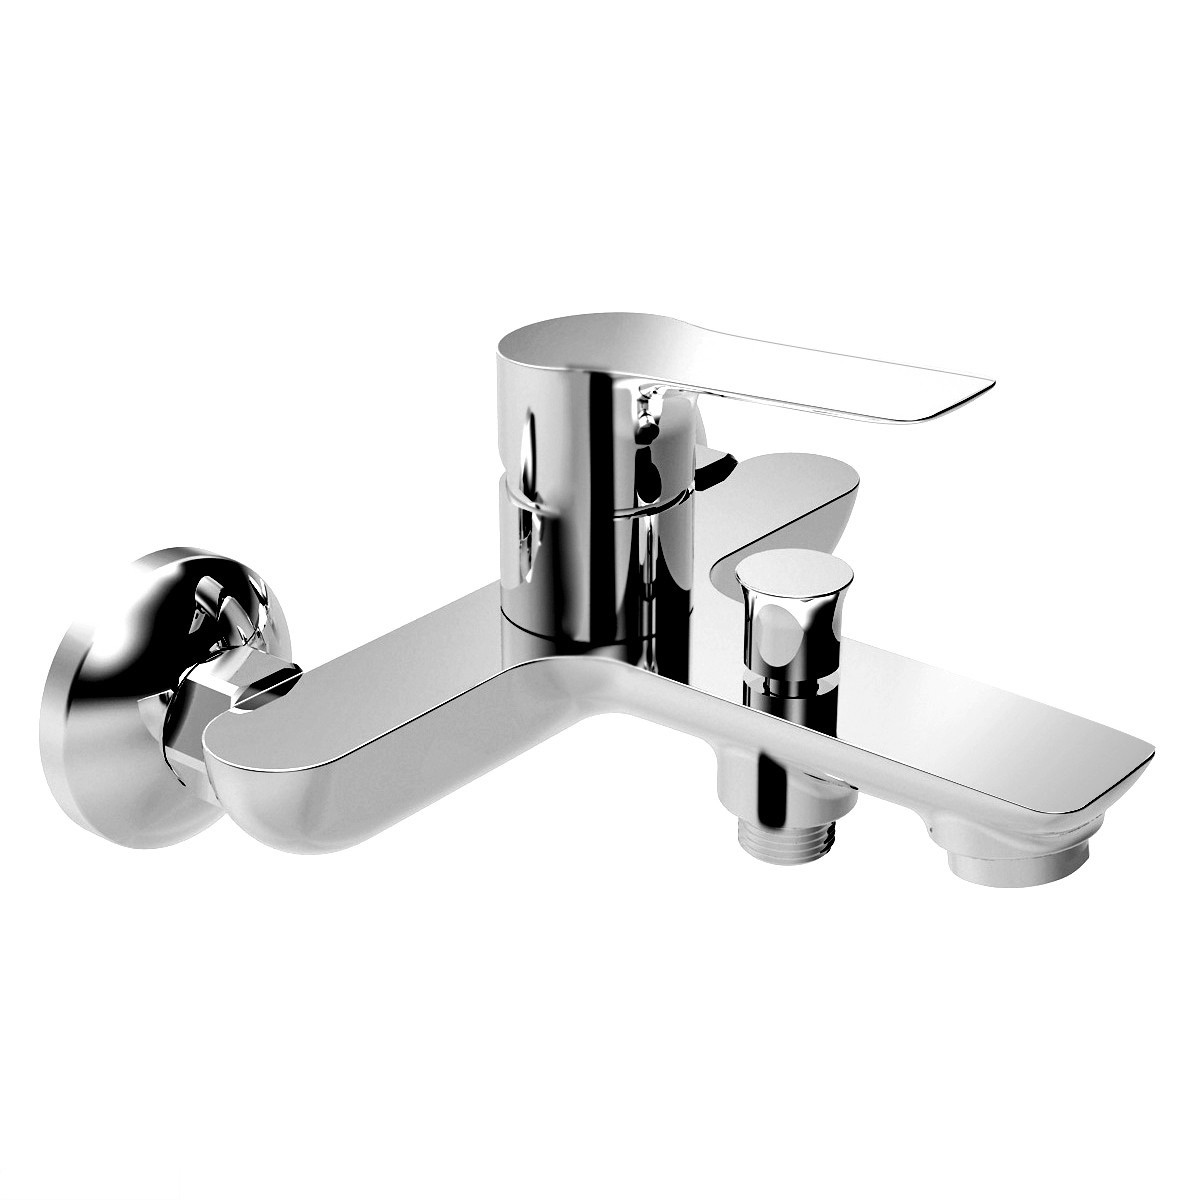 KUCERA змішувач для ванни, хром 35мм